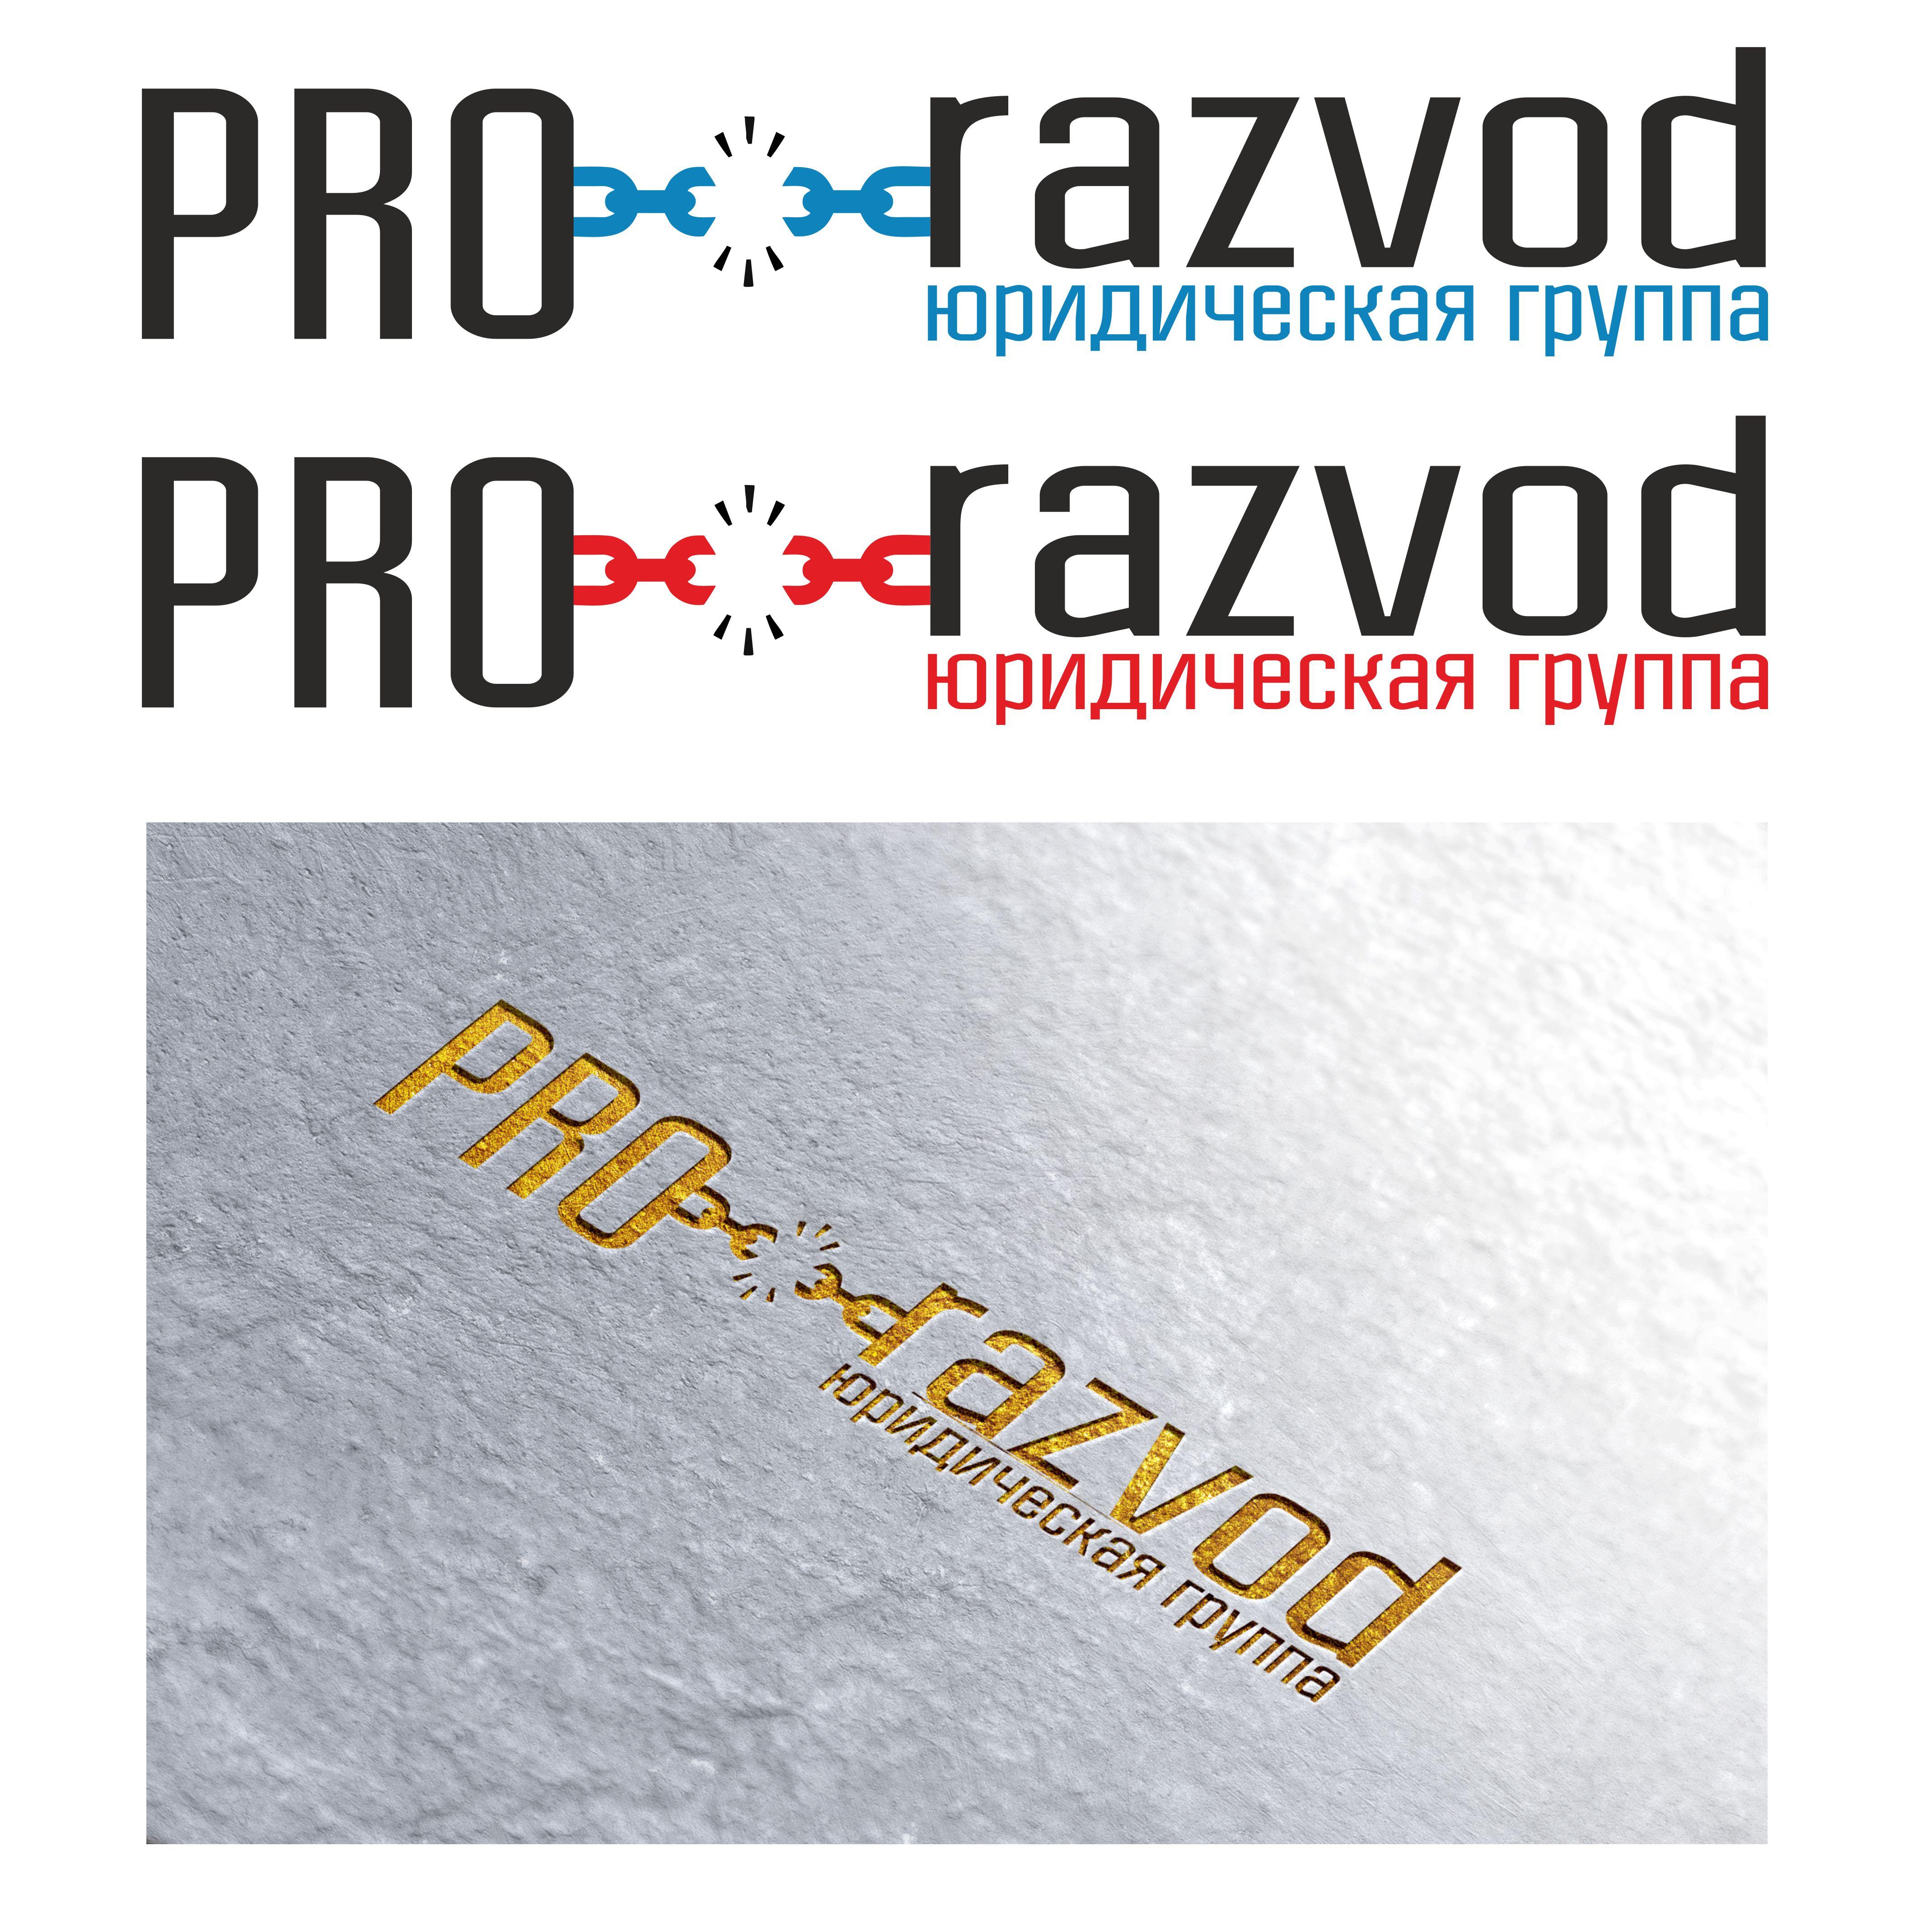 Логотип и фирм стиль для бракоразводного агенства. фото f_2465878a8e4c088d.jpg